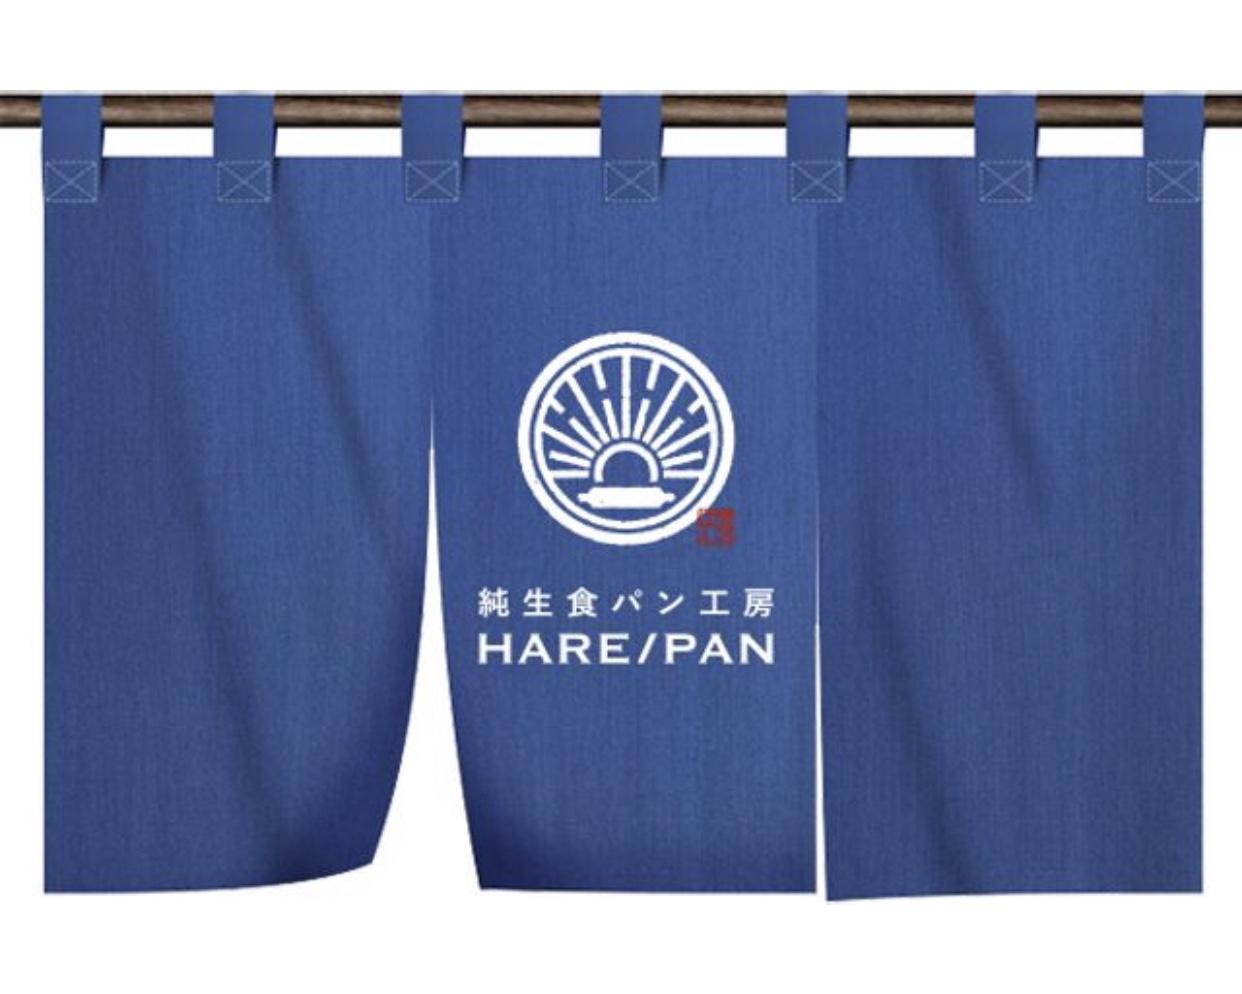 HAREPANの暖簾